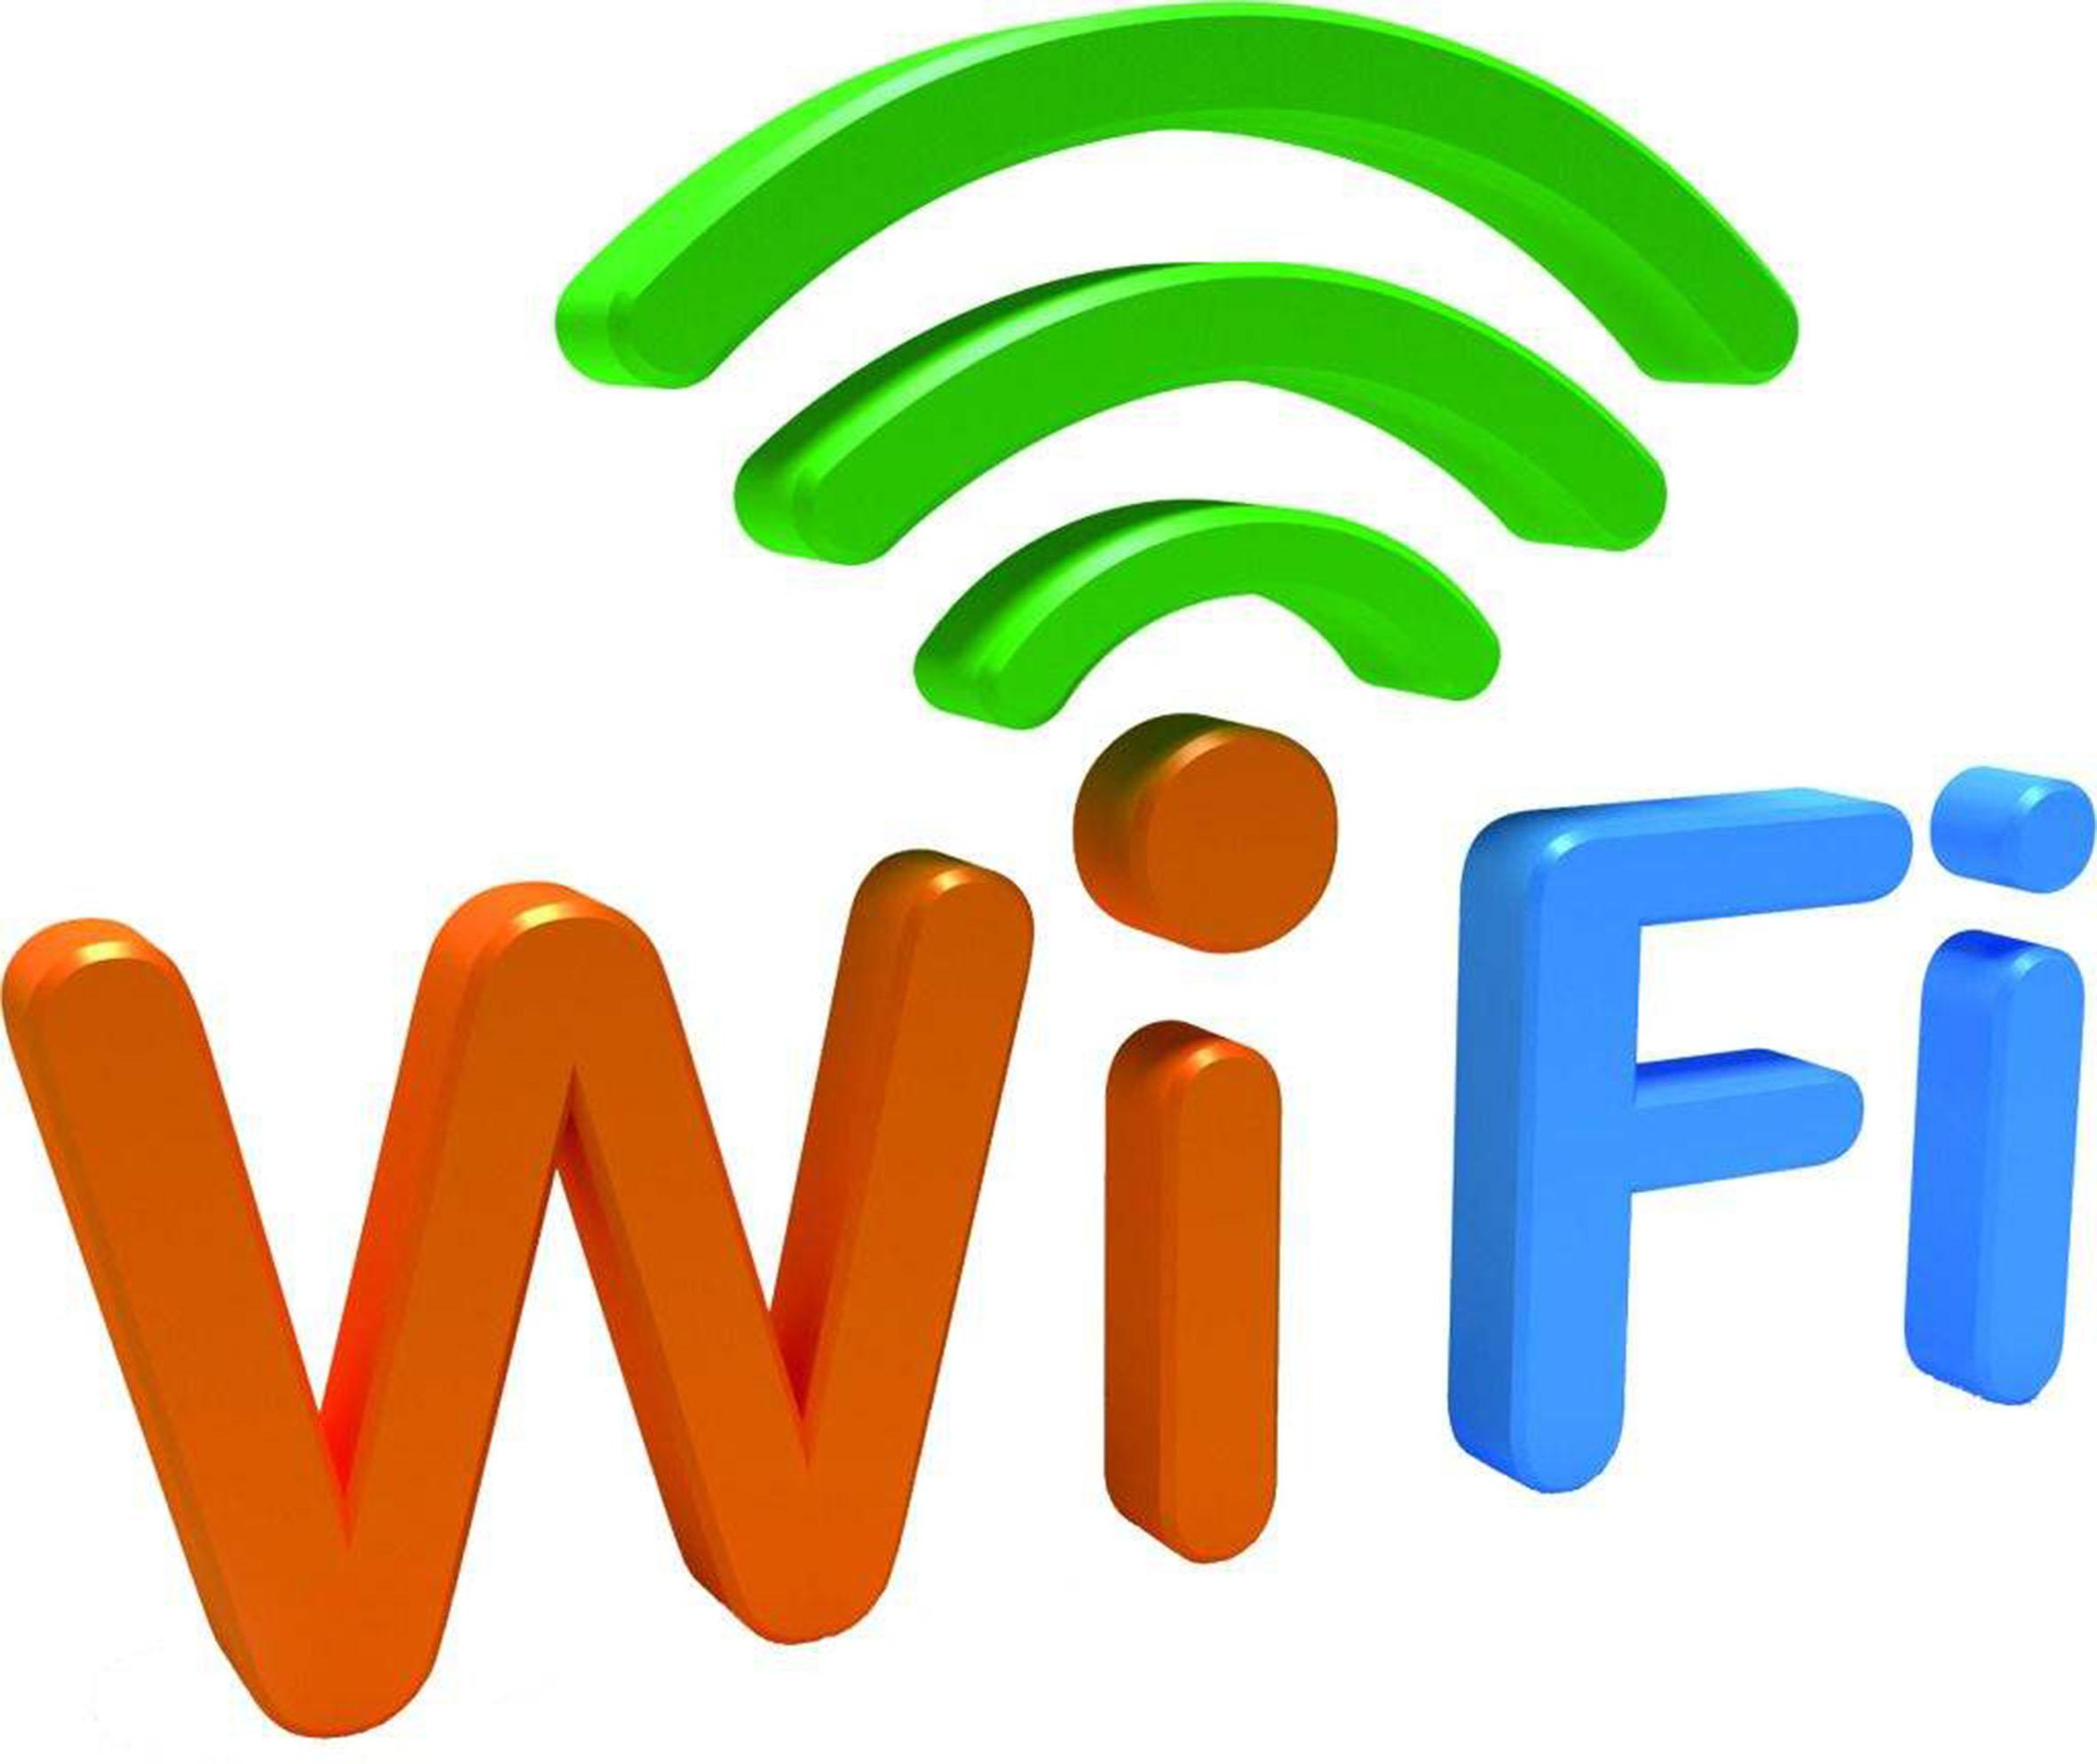 Wi-Fi连接在物联网产品设计中的四个关键因素—智慧世界科技